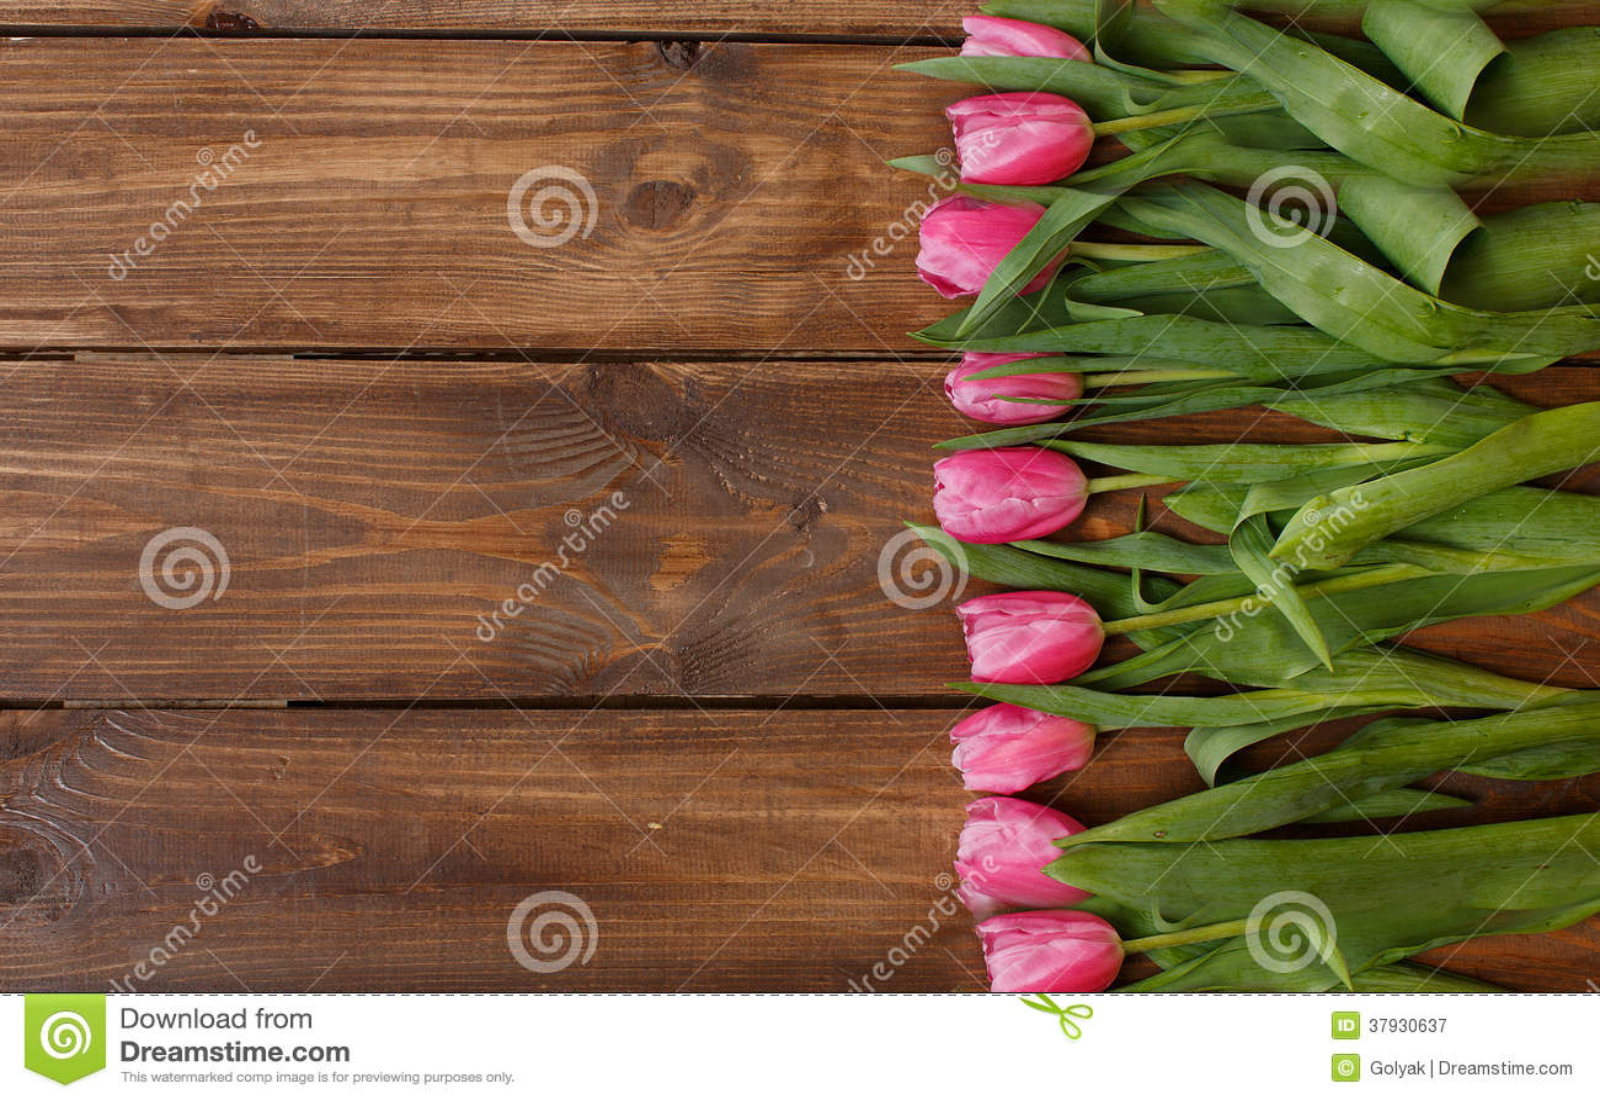 Розовые тюльпаны над затрапезным белым деревянным столом